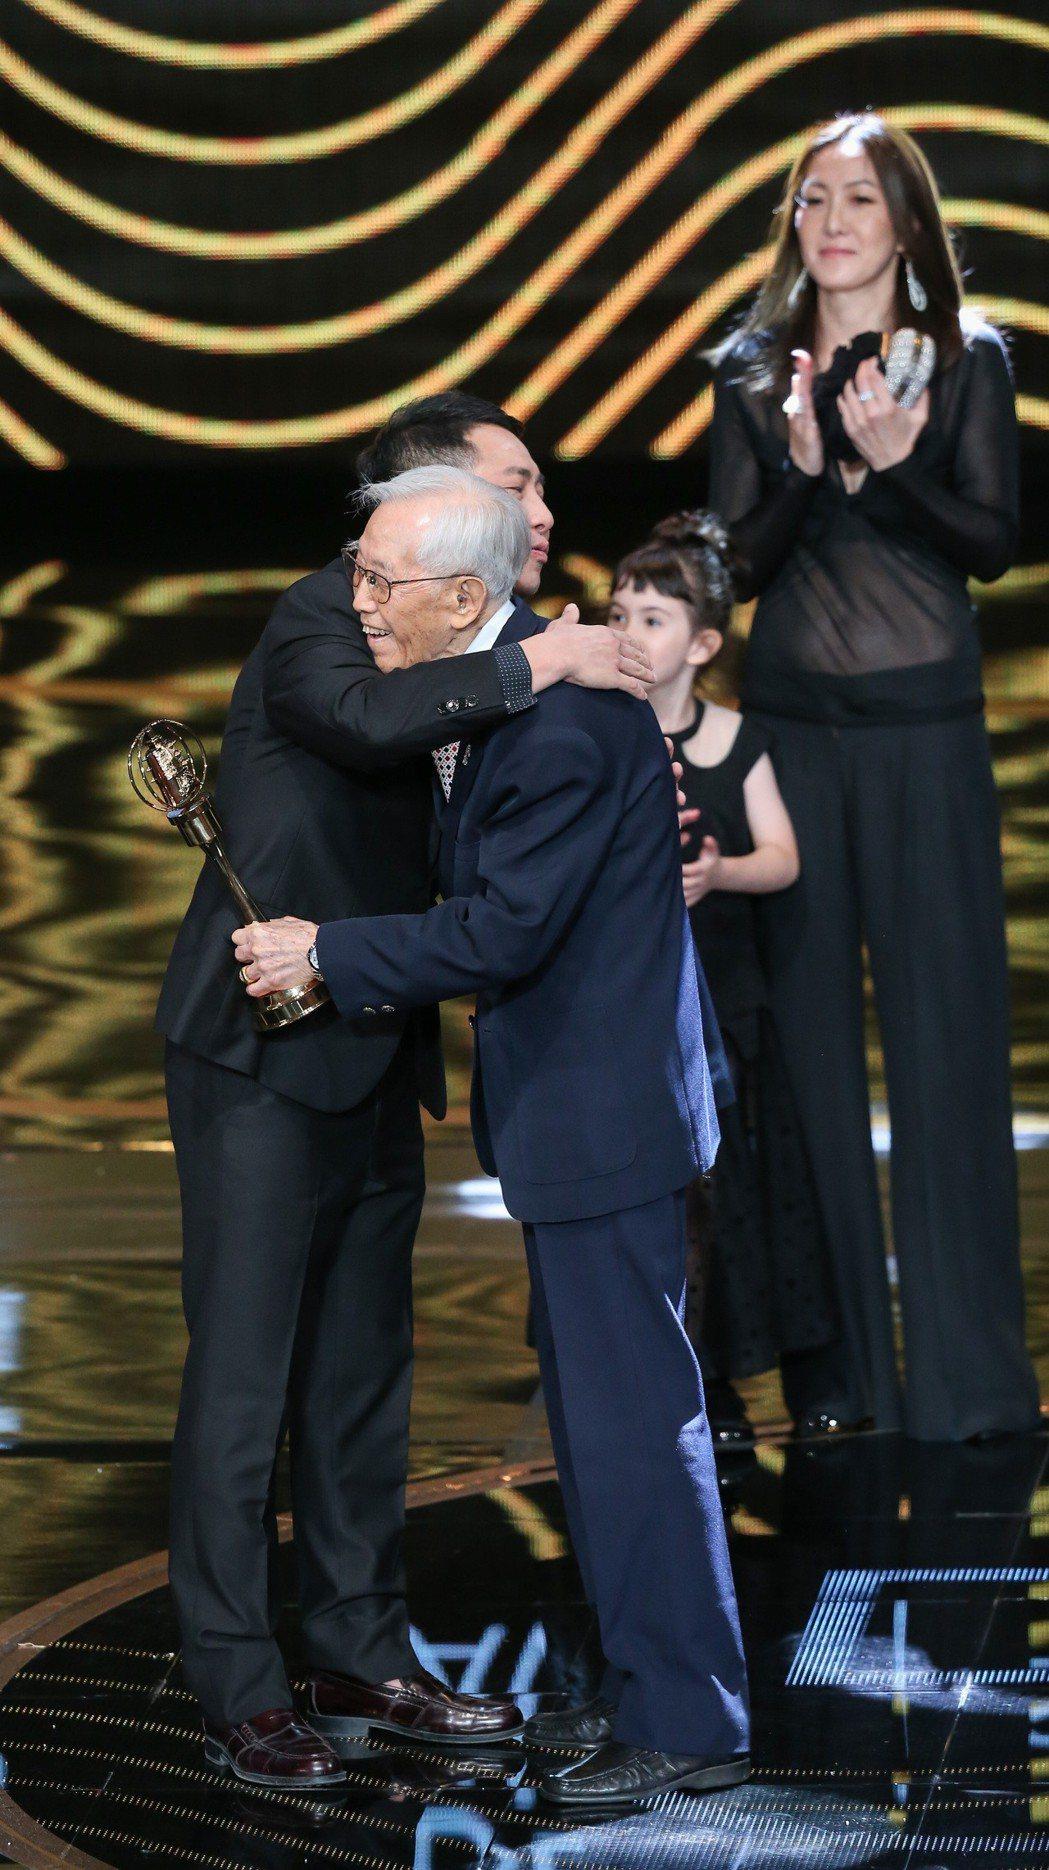 高振鵬(右)獲頒特別貢獻獎,與頒獎人屈中恆(左)擁抱。記者林澔一/攝影